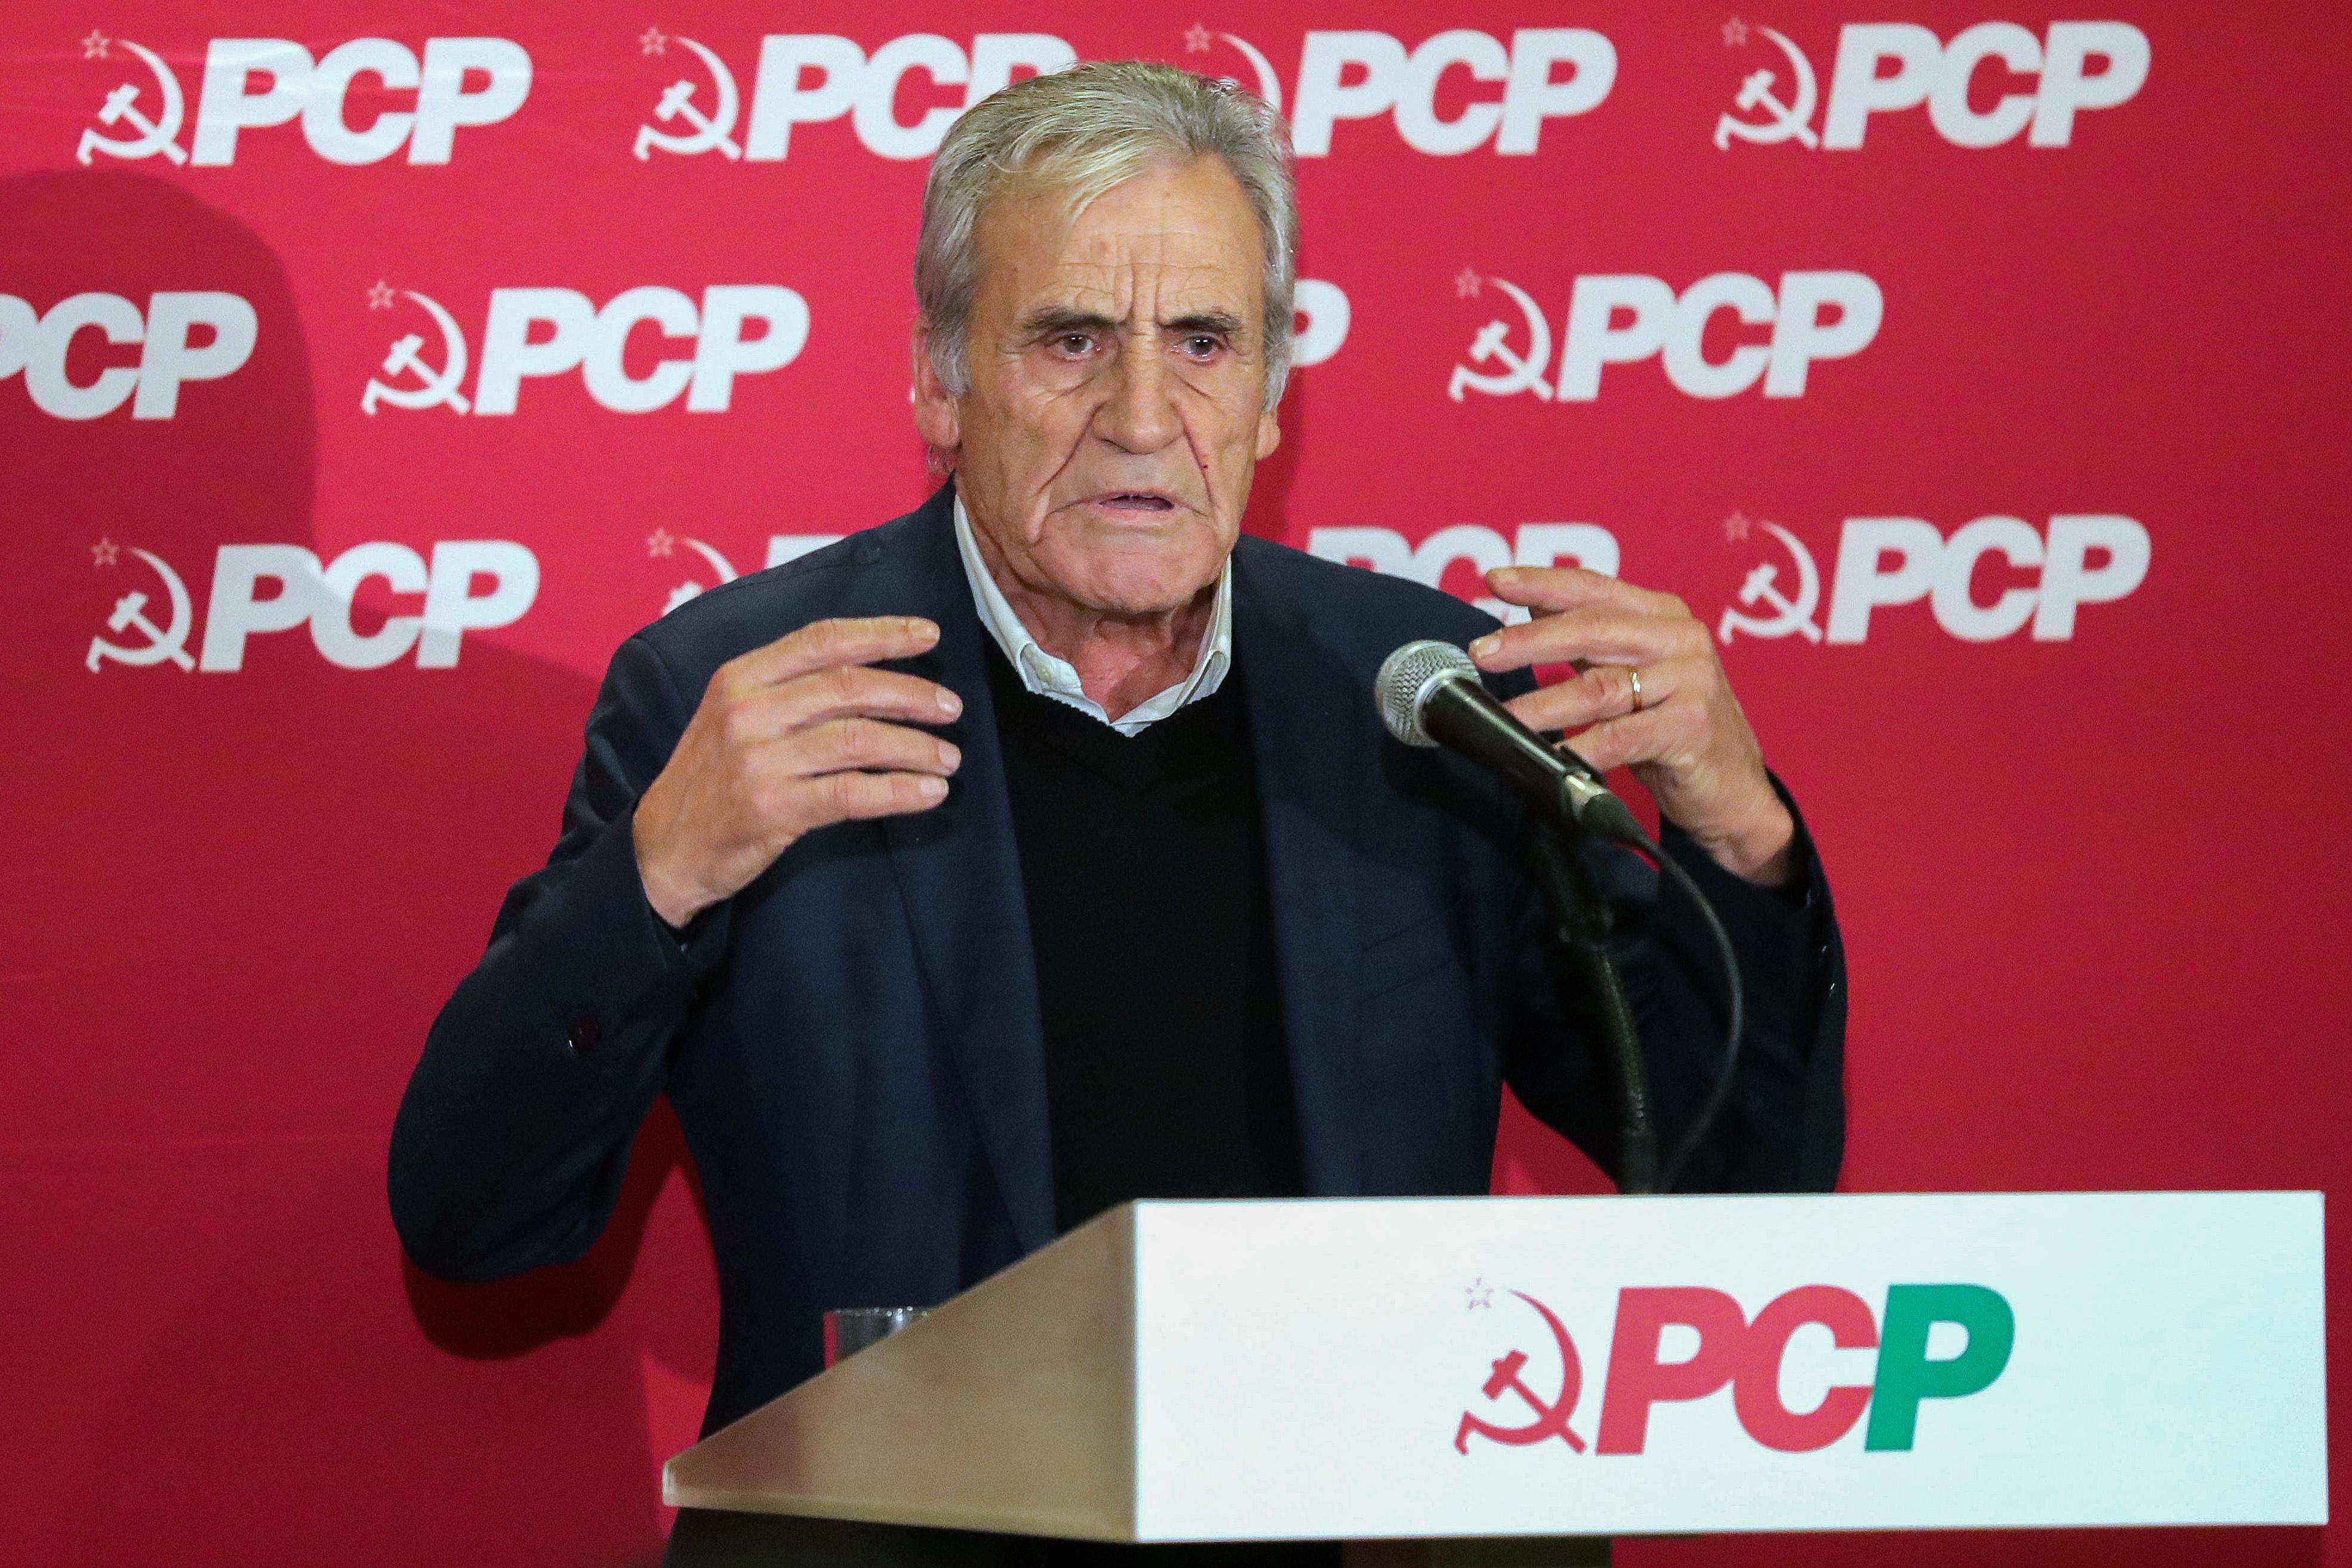 Jerónimo diz que PCP não vota orçamentos 'a priori' e promete voltar à regionalização